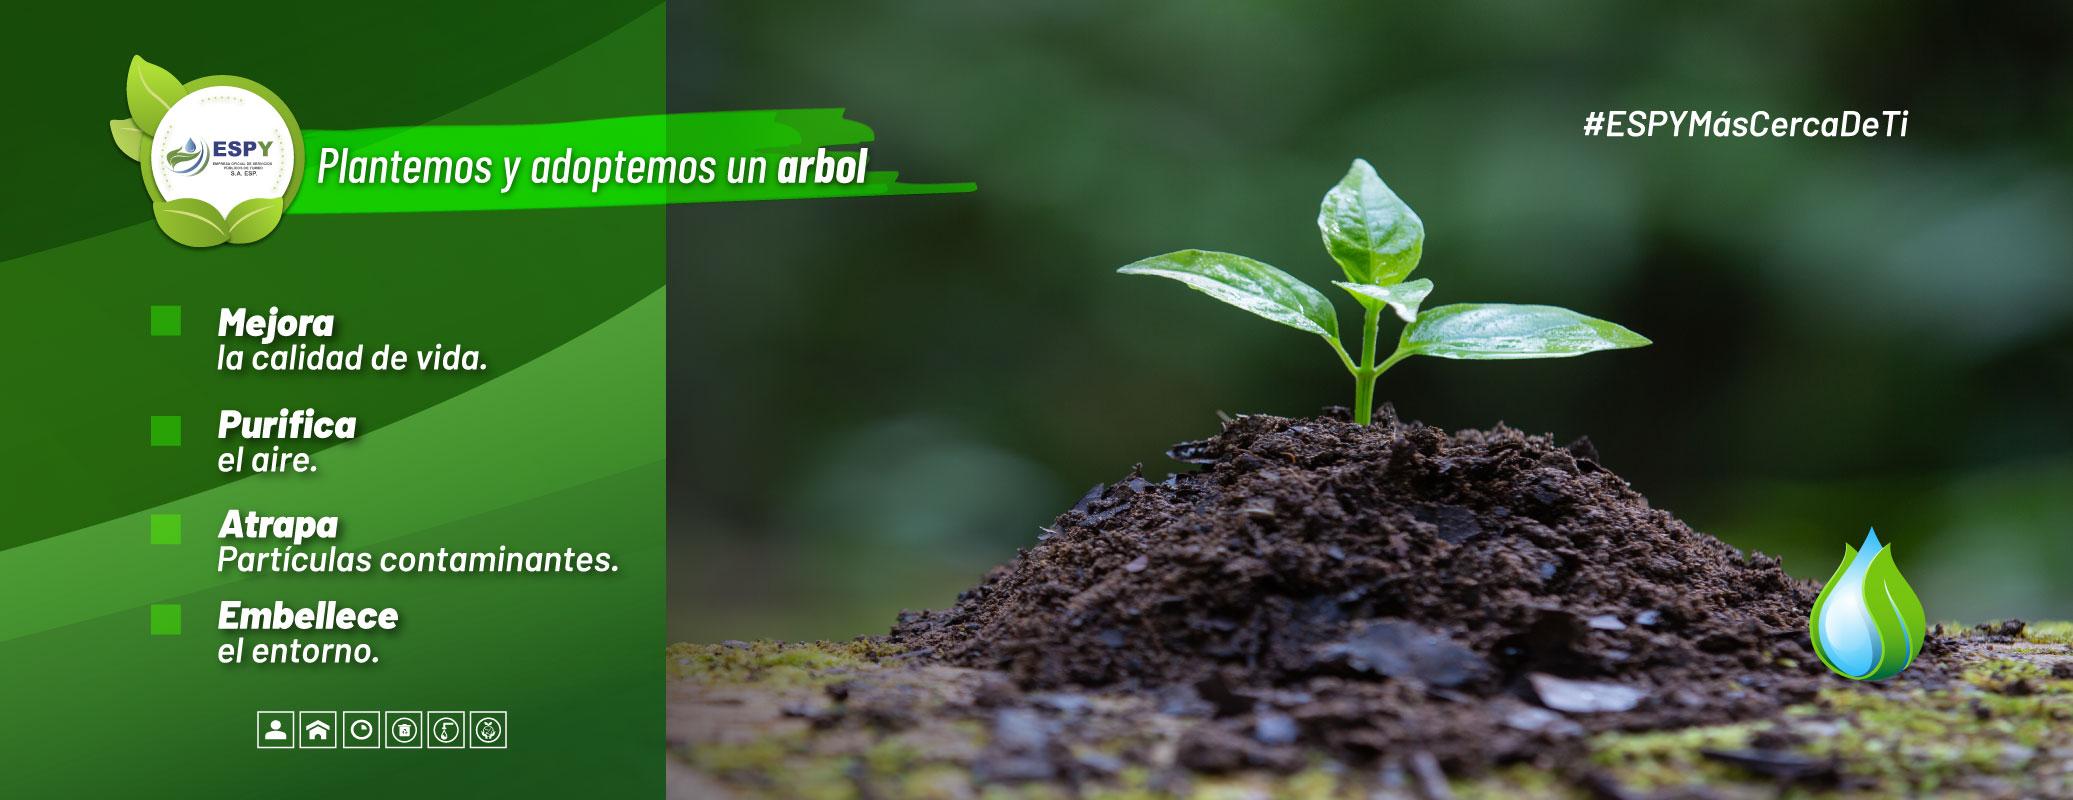 Plantemos-y-adoptemos-un-arbol-13102020